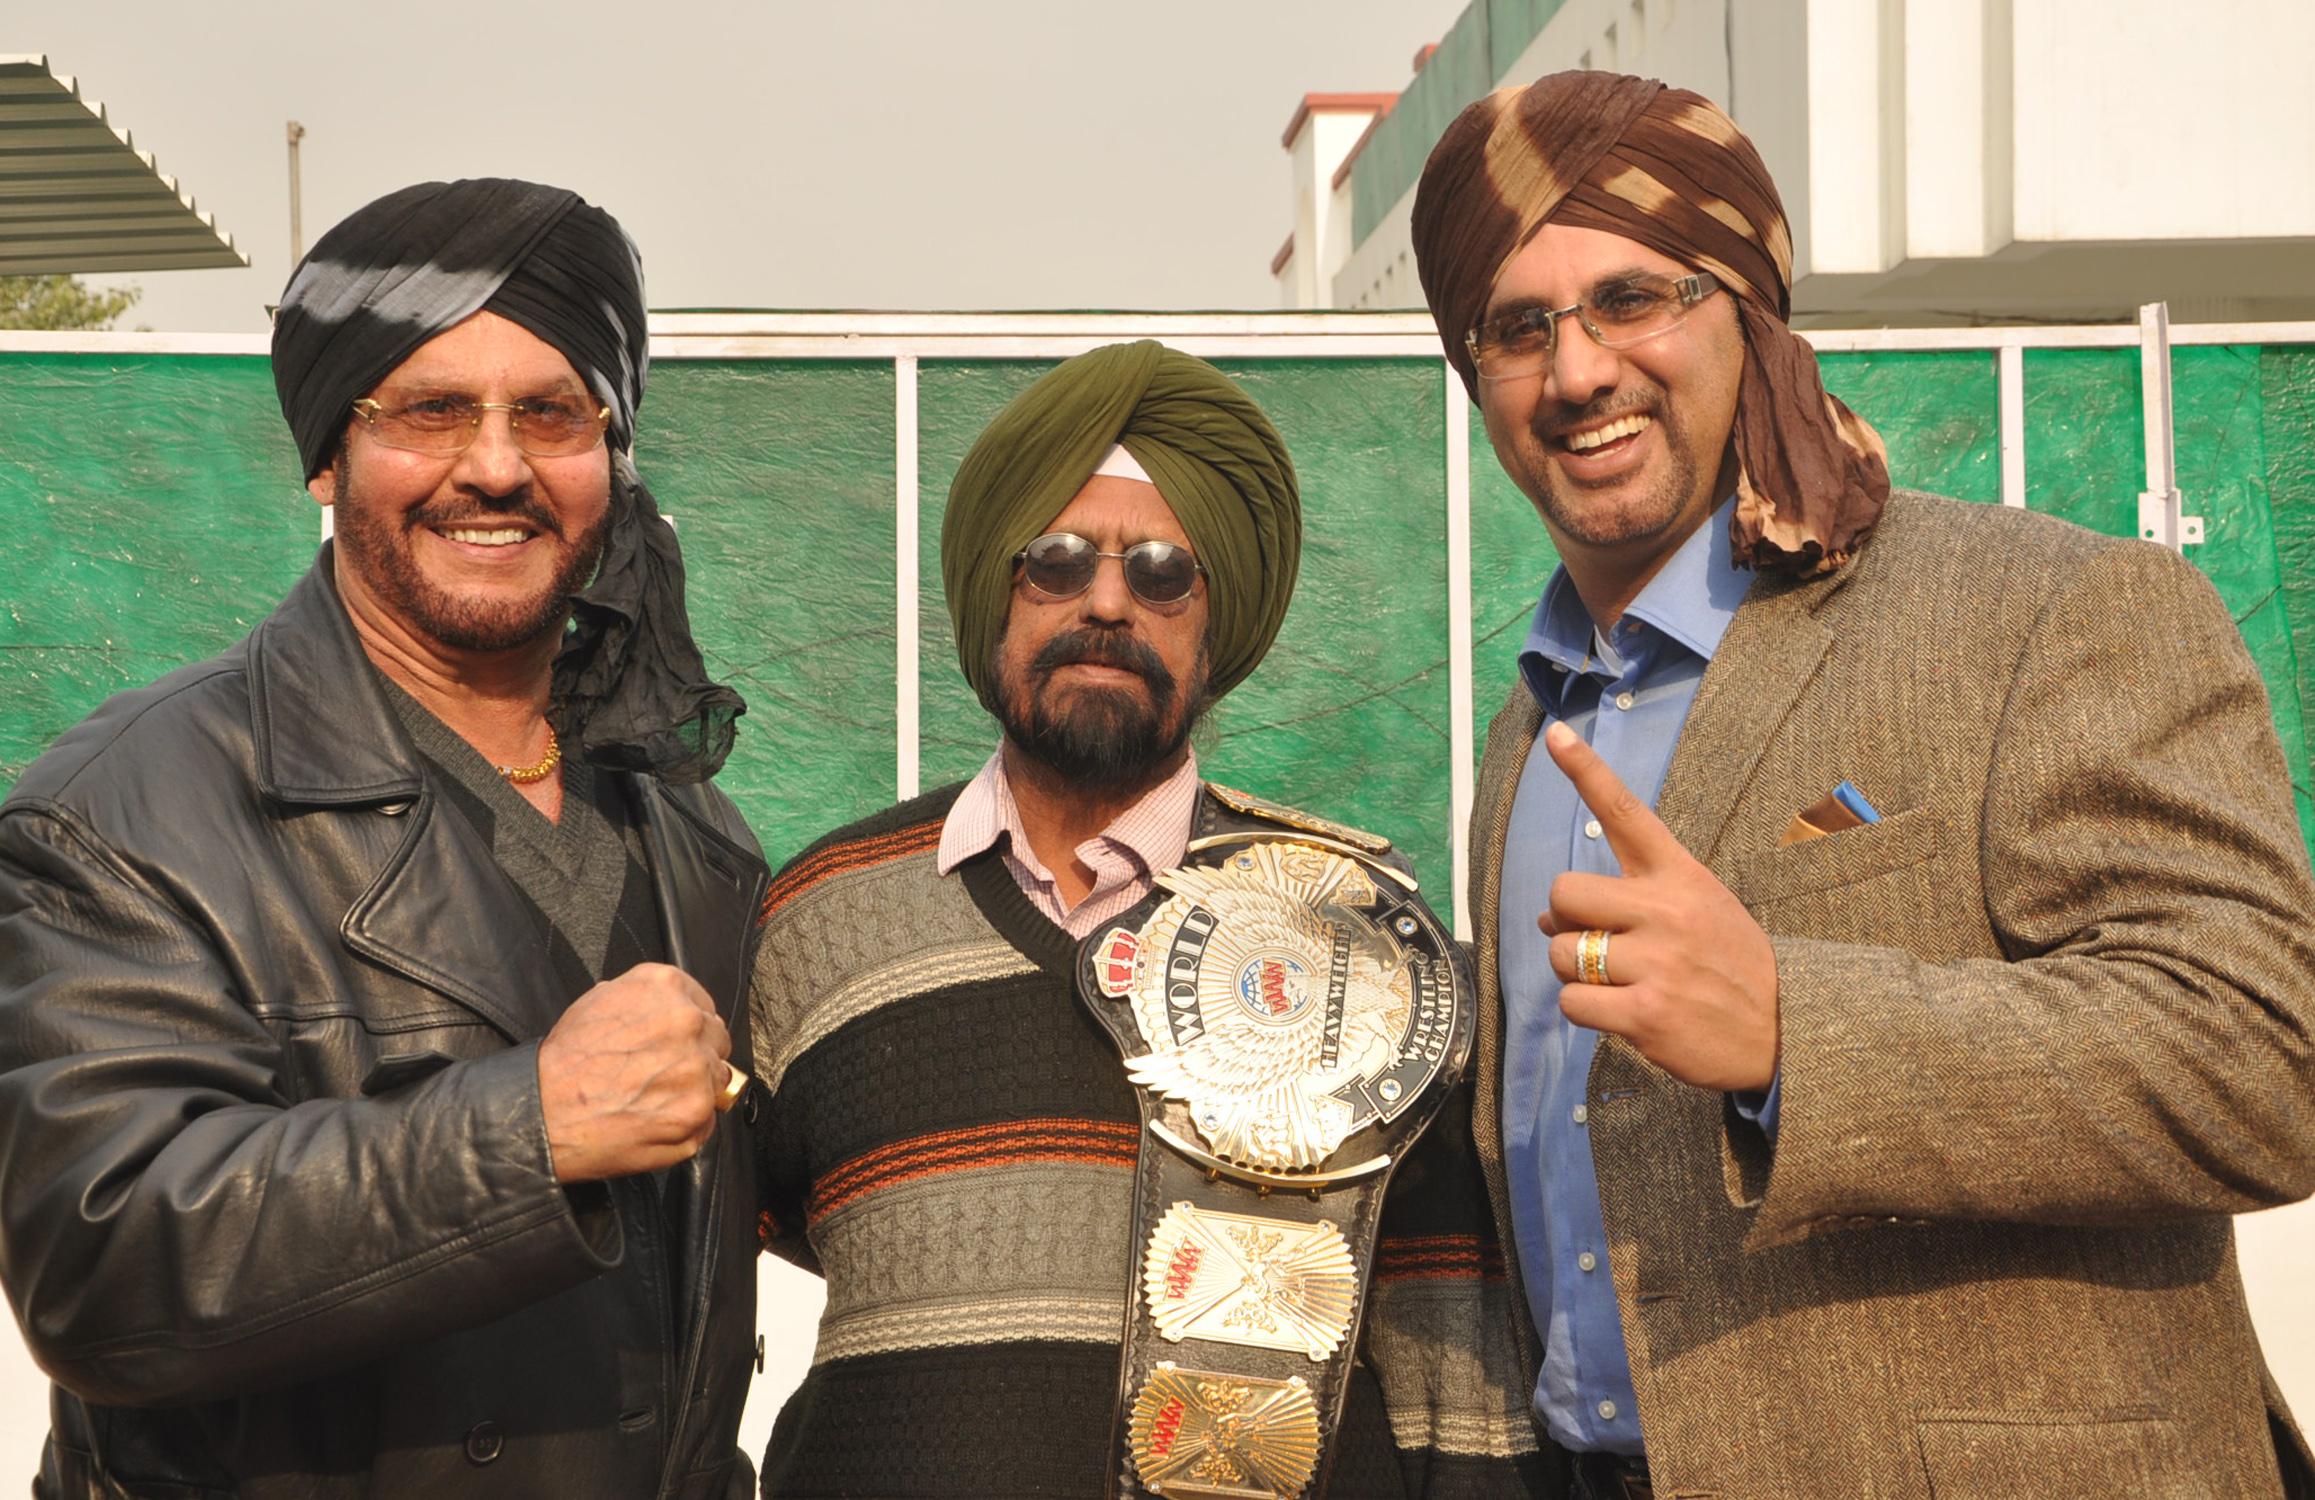 संपादक गुरबख्श सिंह सैनी के साथ सामाजिक संस्था टाइगर जीत सिंह फाउंडेशन के प्रतिनिधि